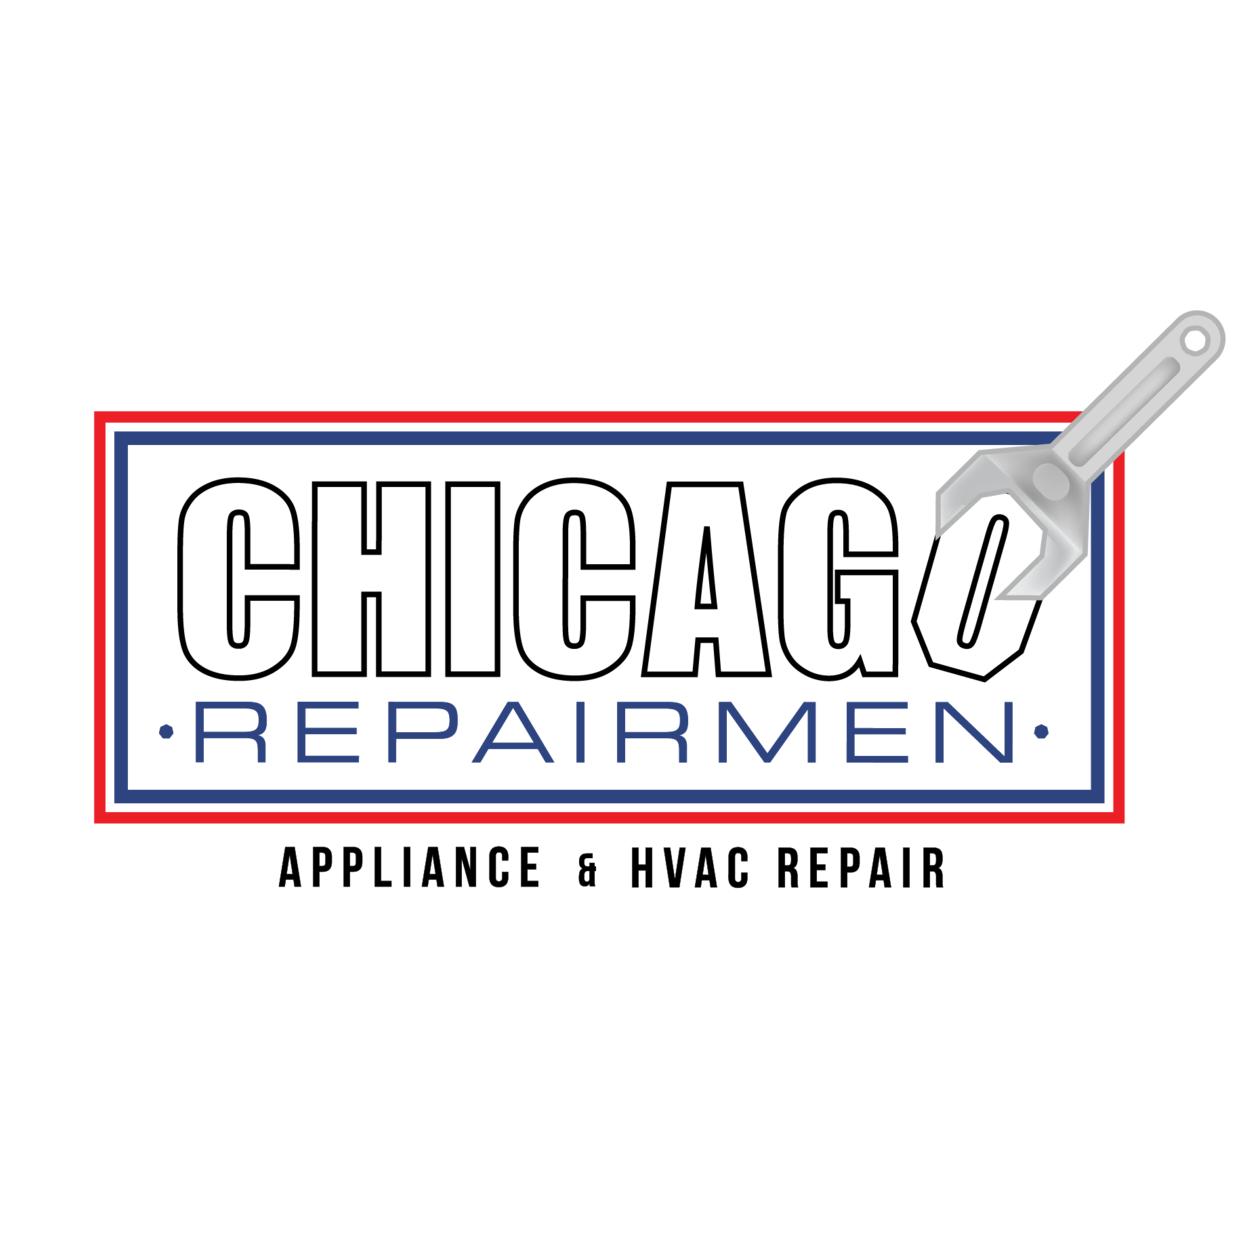 Chicago RepairMen